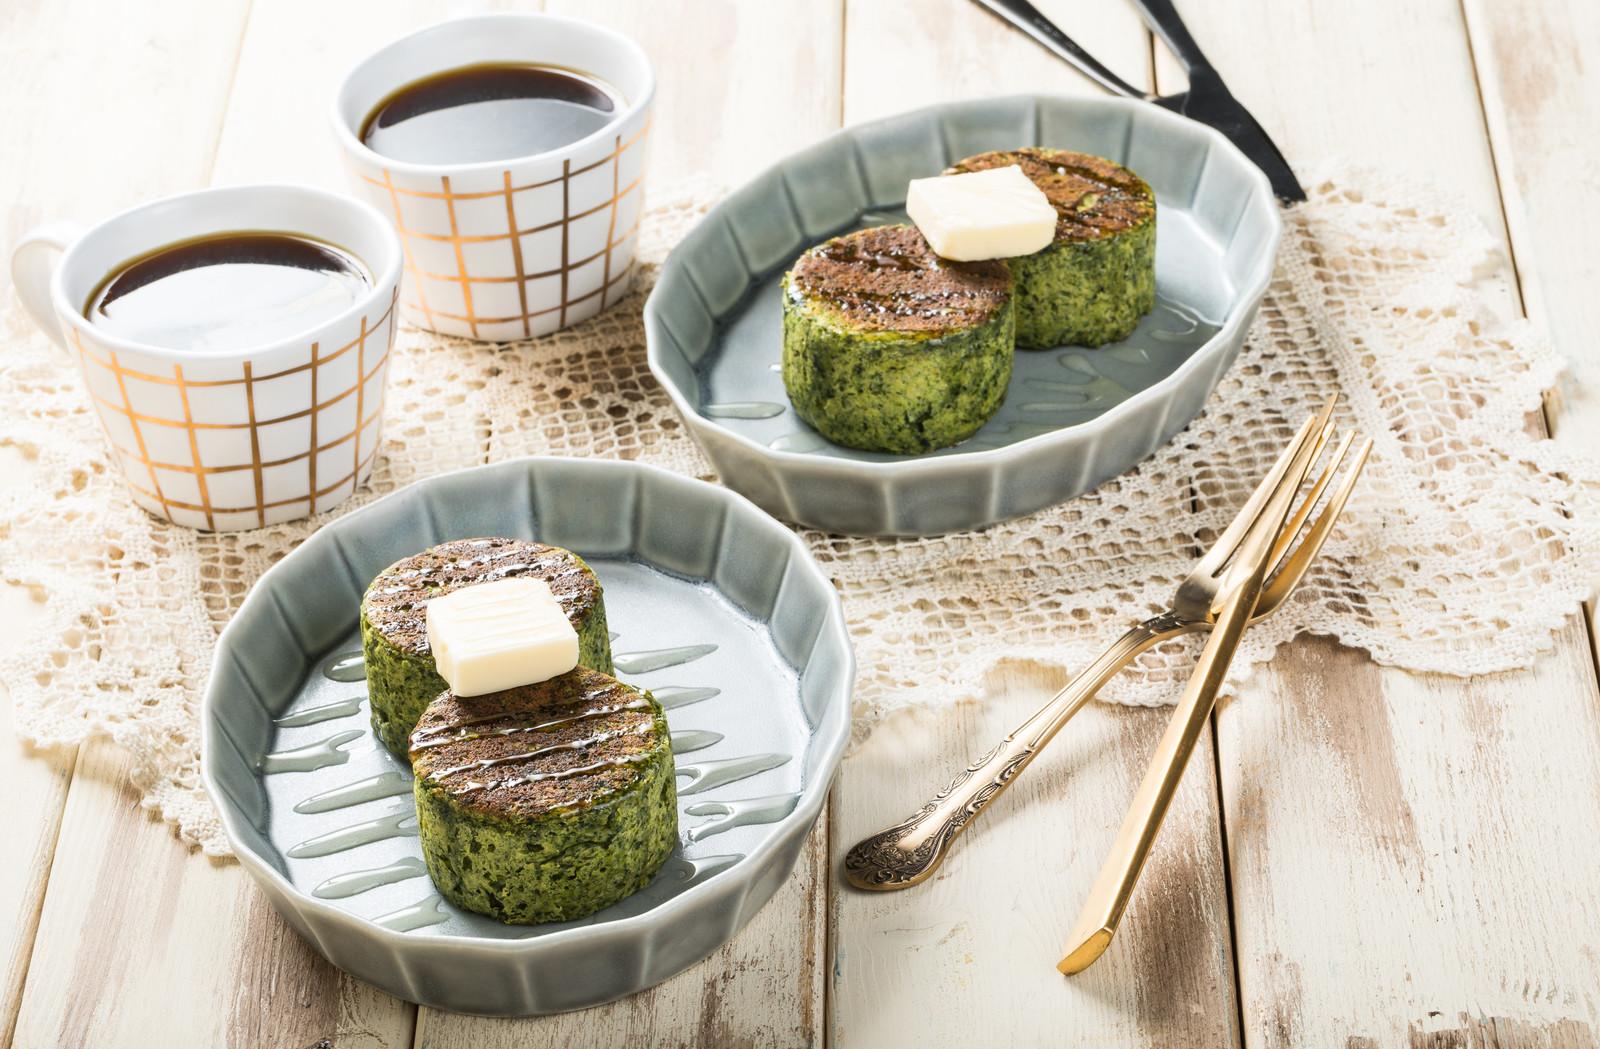 サバランはフランスの伝統ケーキ!東京のおすすめ有名店の値段等も紹介!